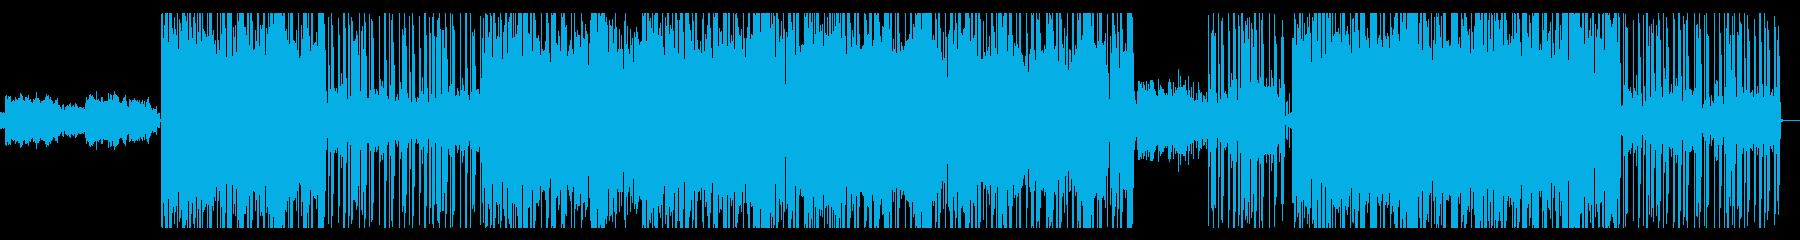 ほのぼのギターLOFIチル・ヒップホップの再生済みの波形